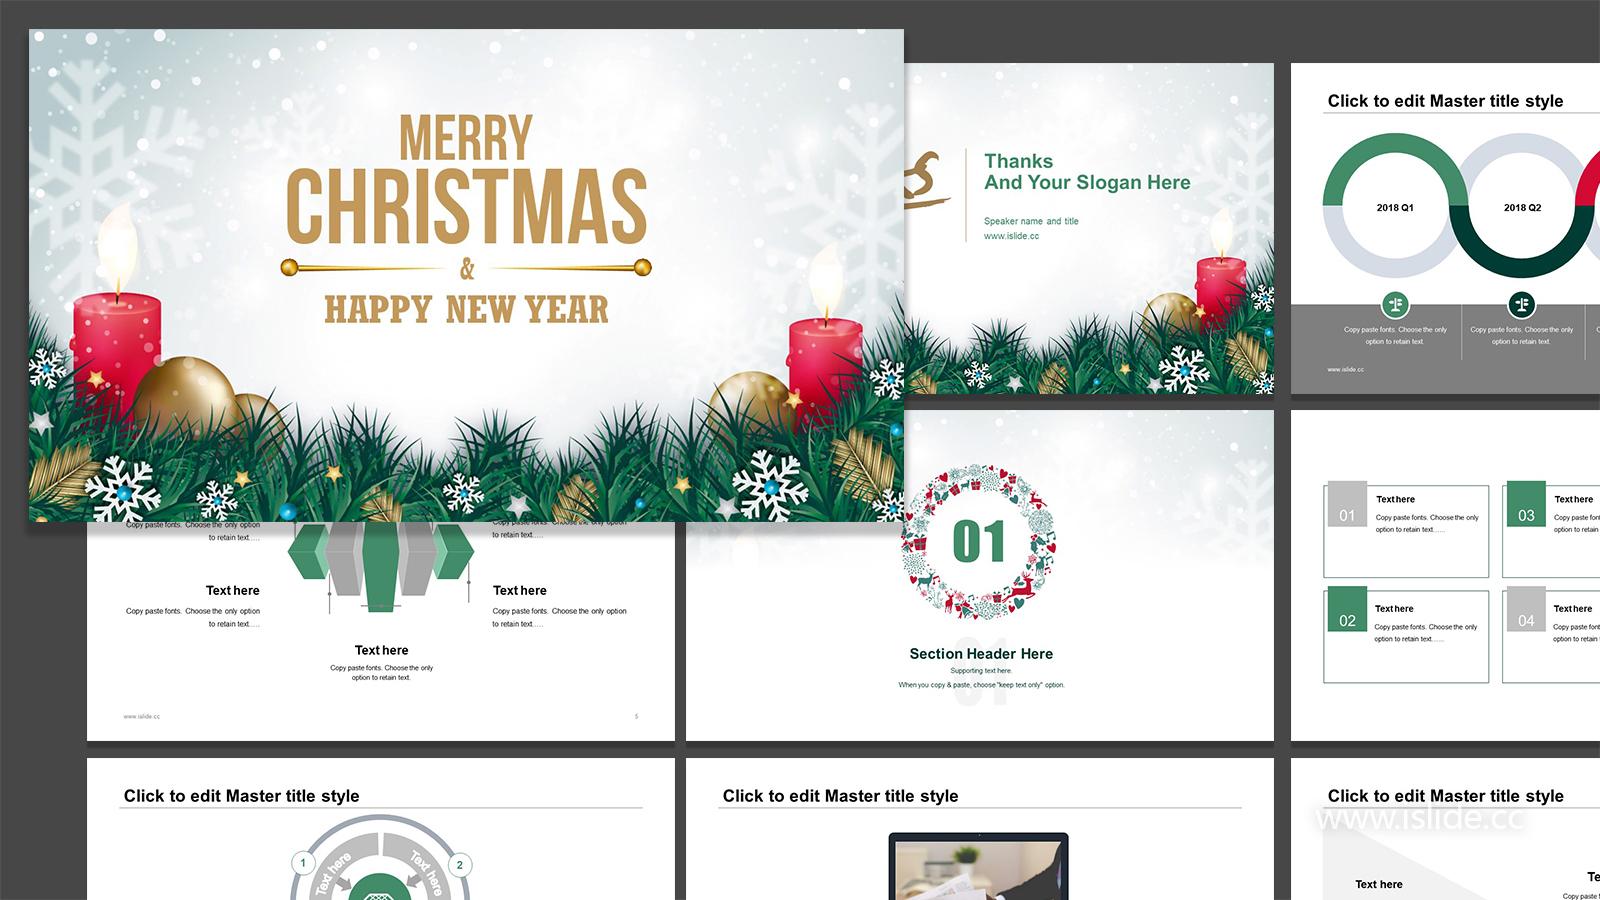 圣诞节庆典节日主题PPT模板下载_预览图1